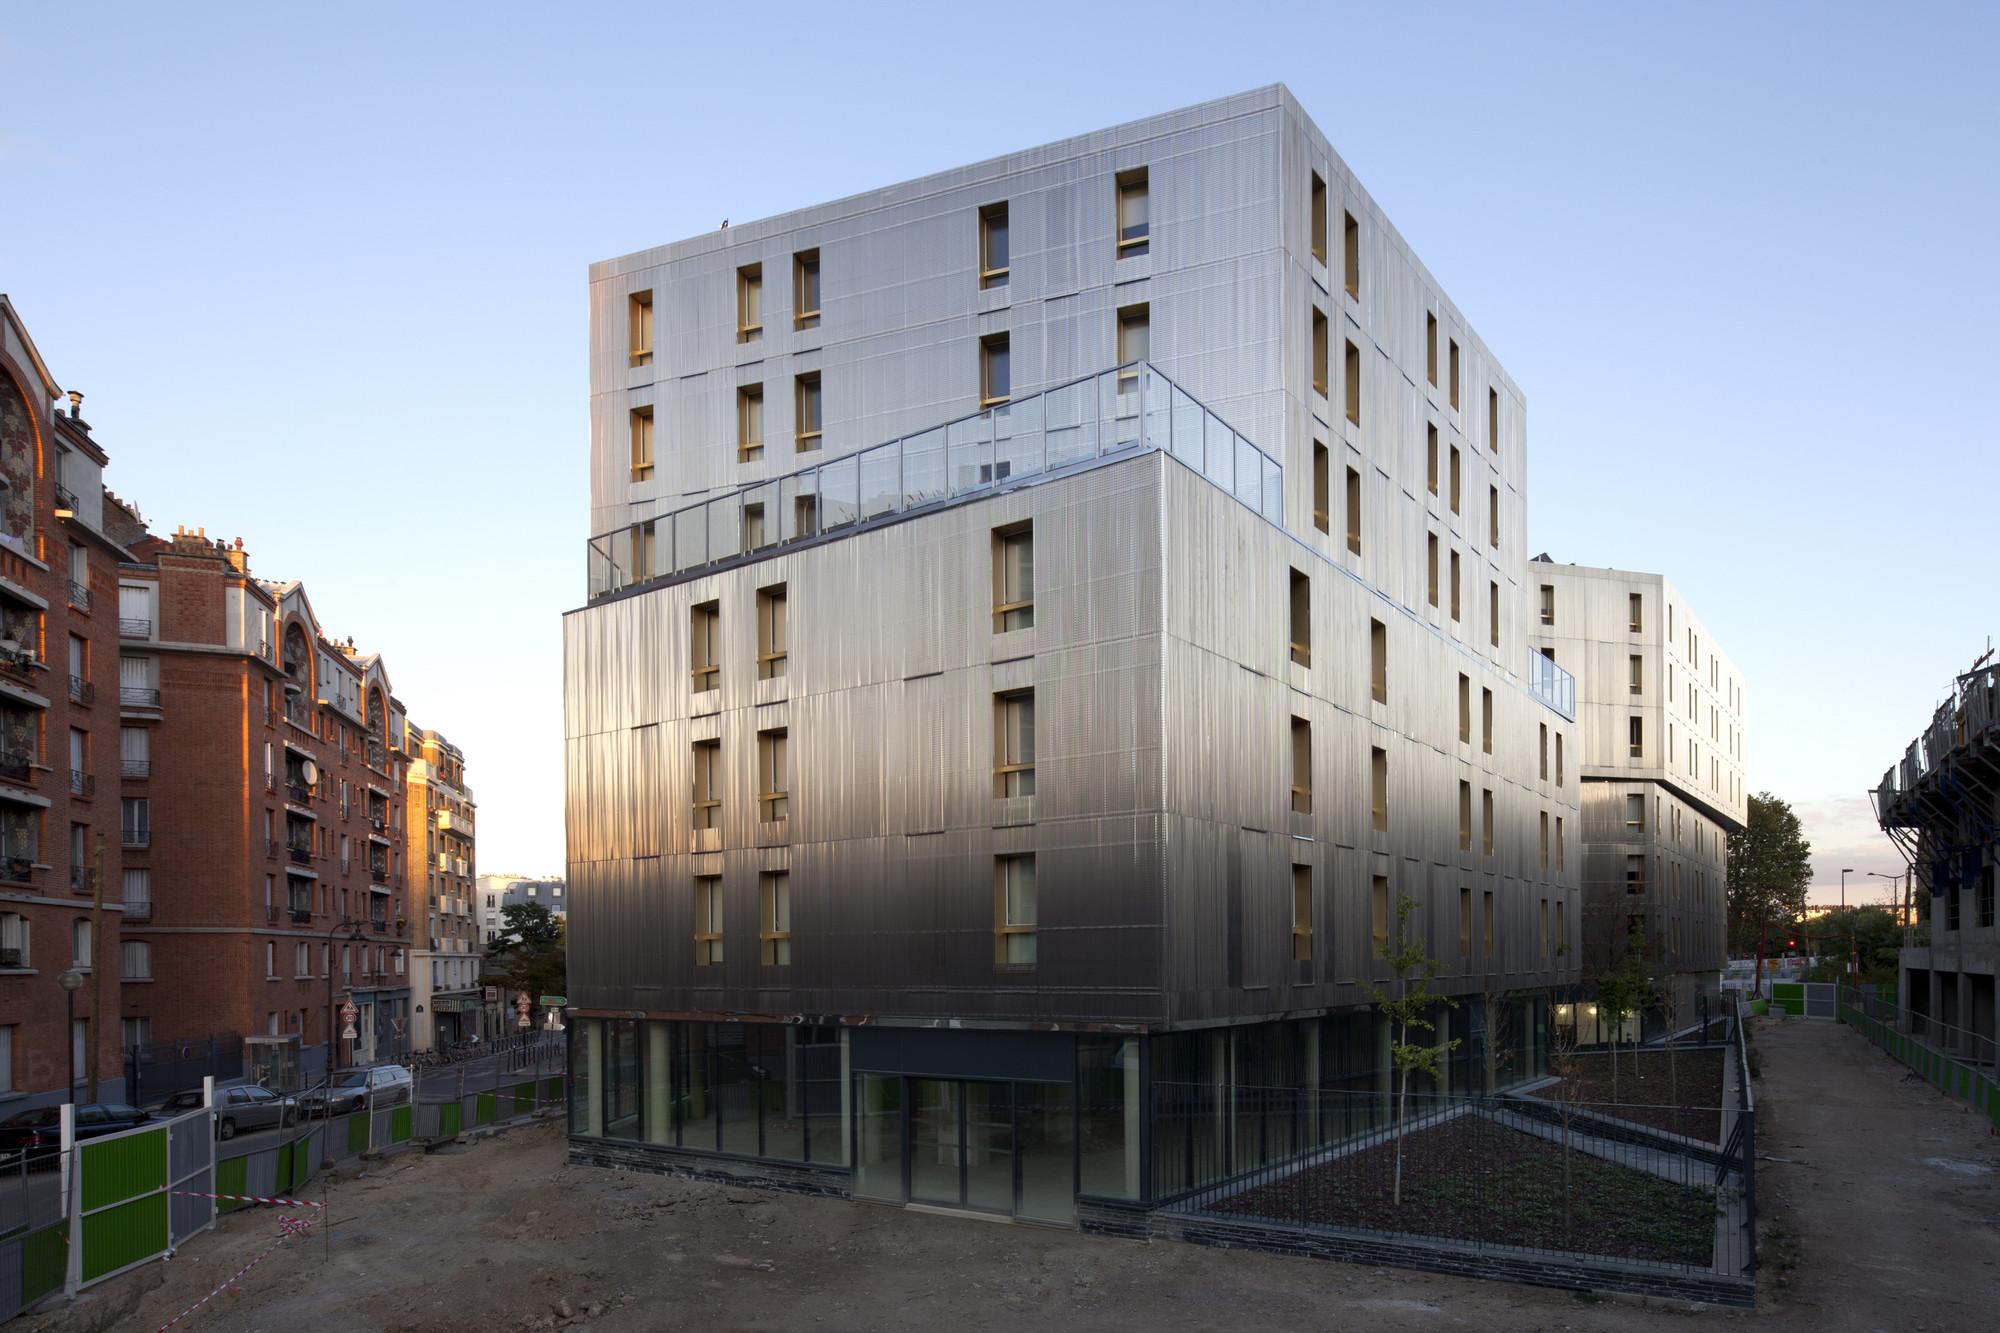 Irene Joliot Curie Residences / DATA [Architectes], Courtesy of DATA [Architectes]